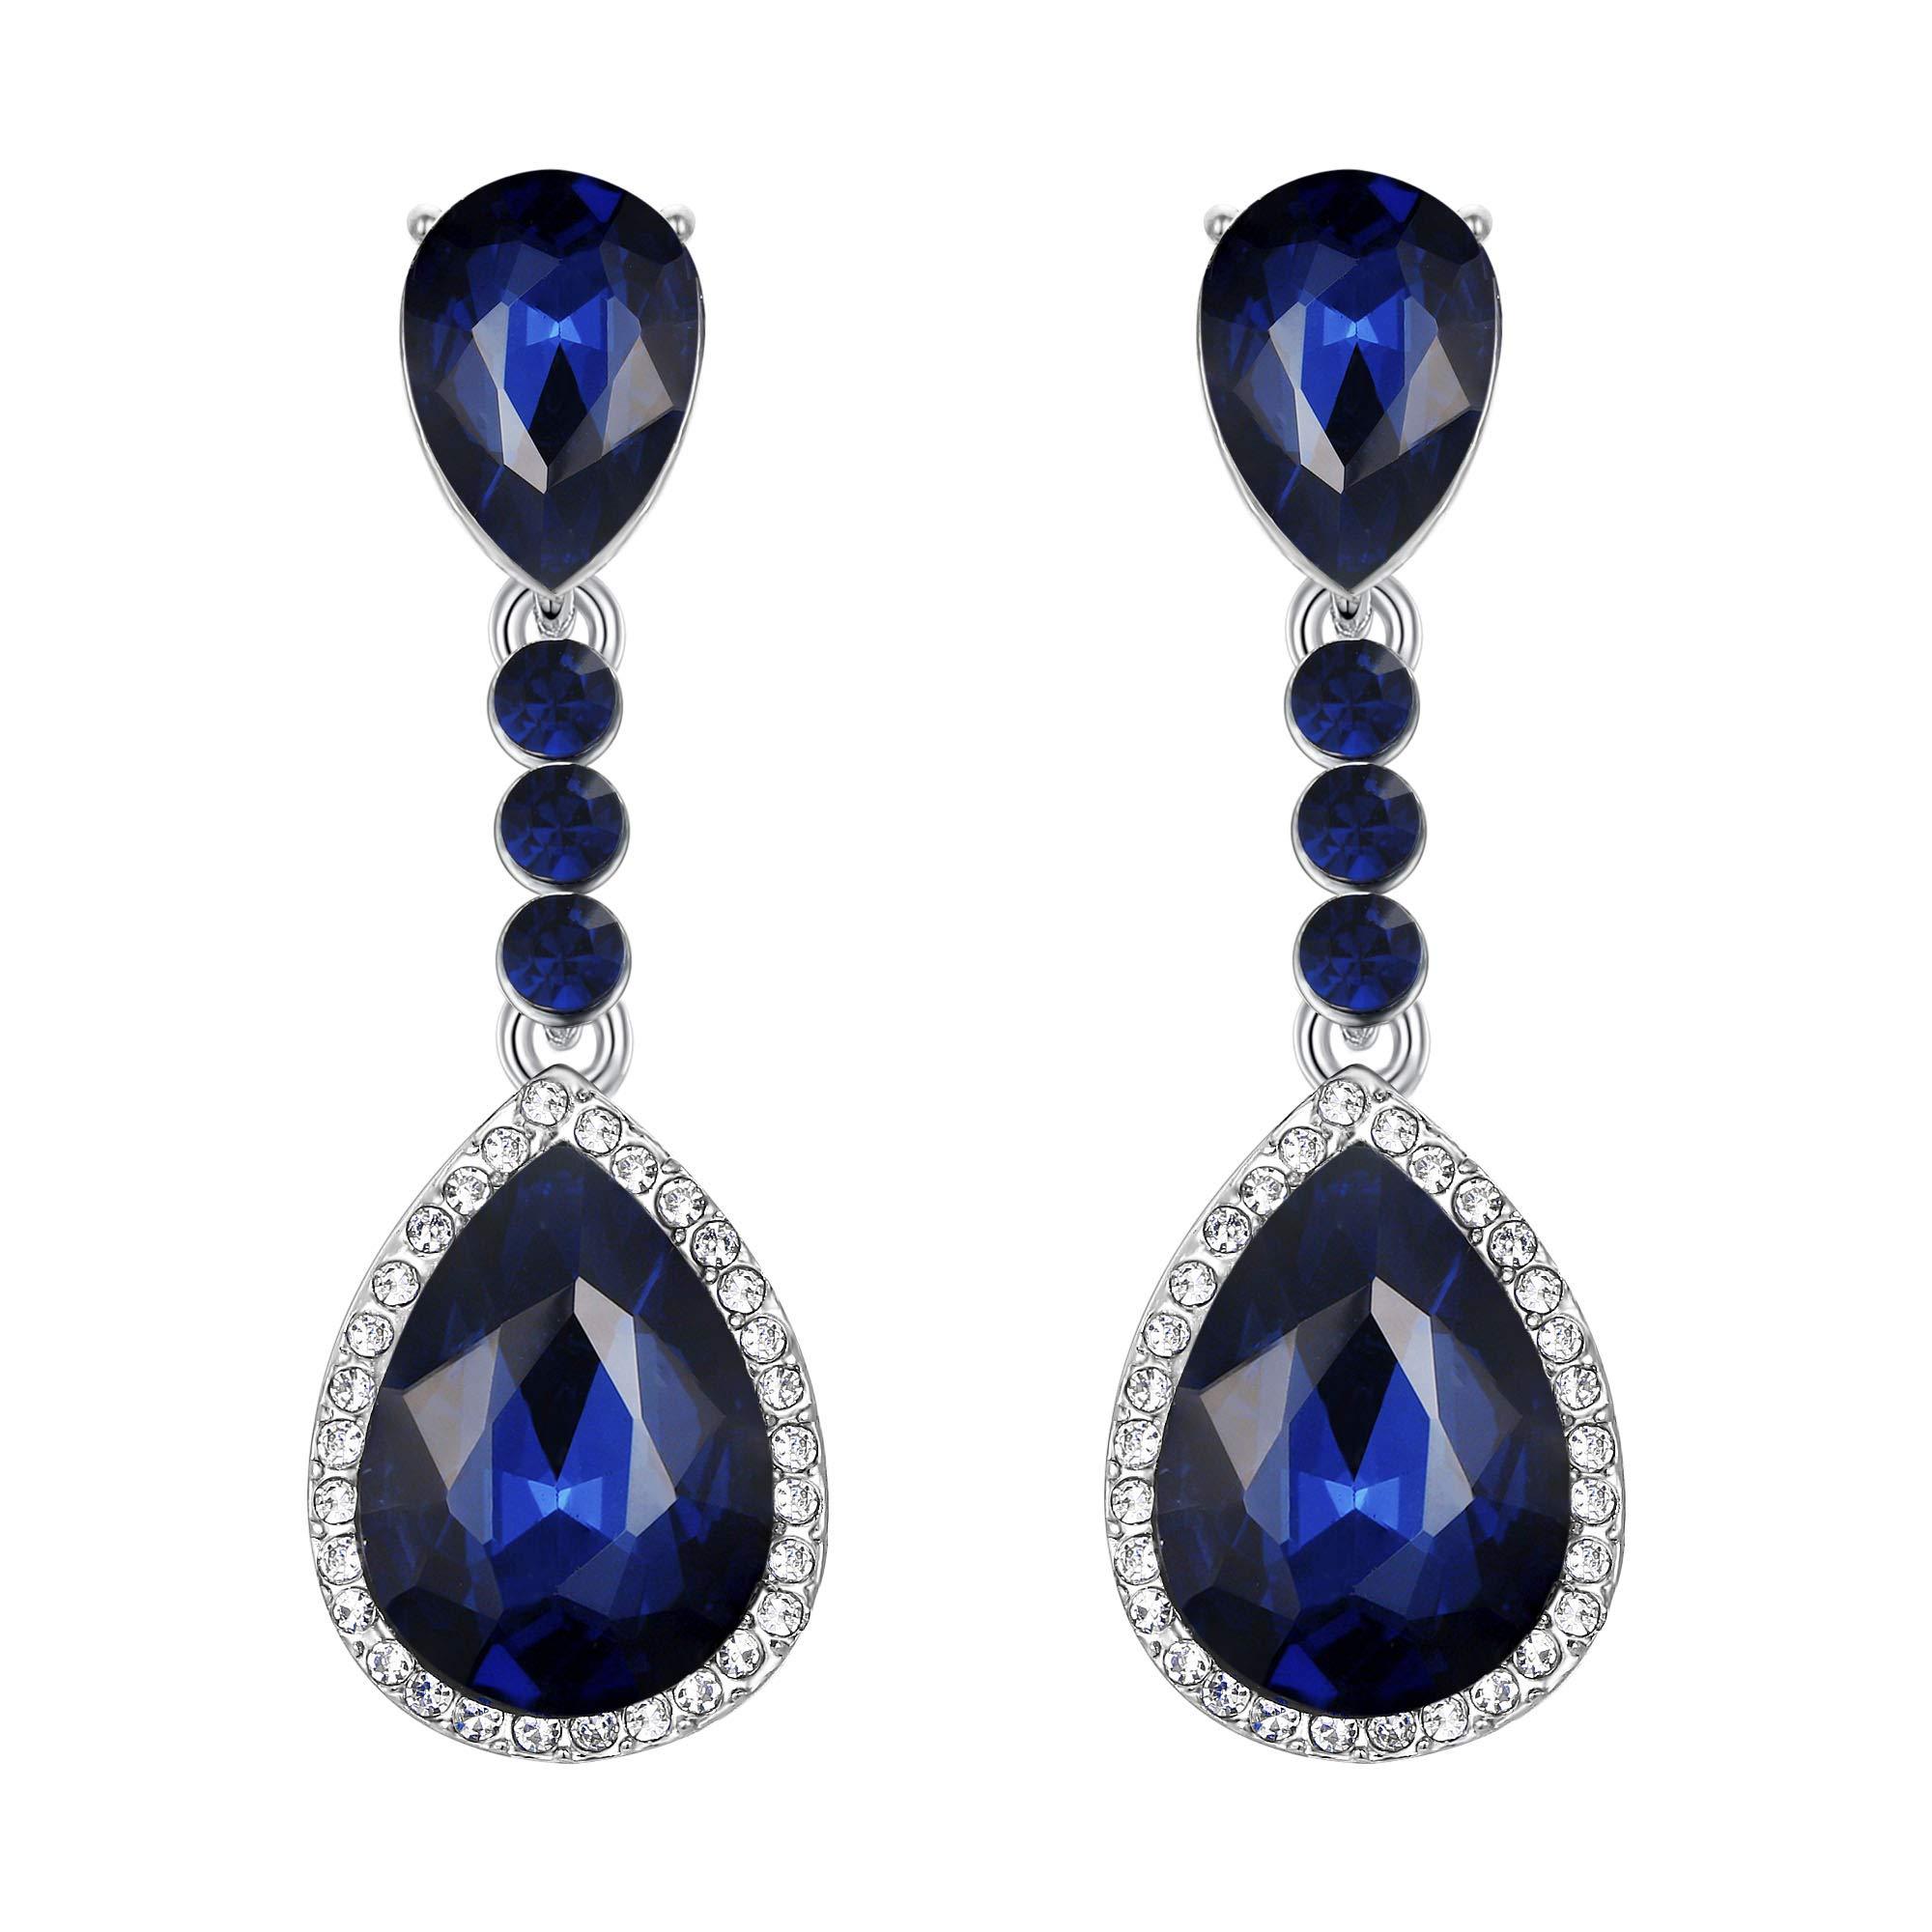 BriLove Silver-Tone Clip-On Dangle Earrings for Women Wedding Bridal Crystal Teardrop Infinity Figure 8 Chandelier Earrings Navy Blue Sapphire Color